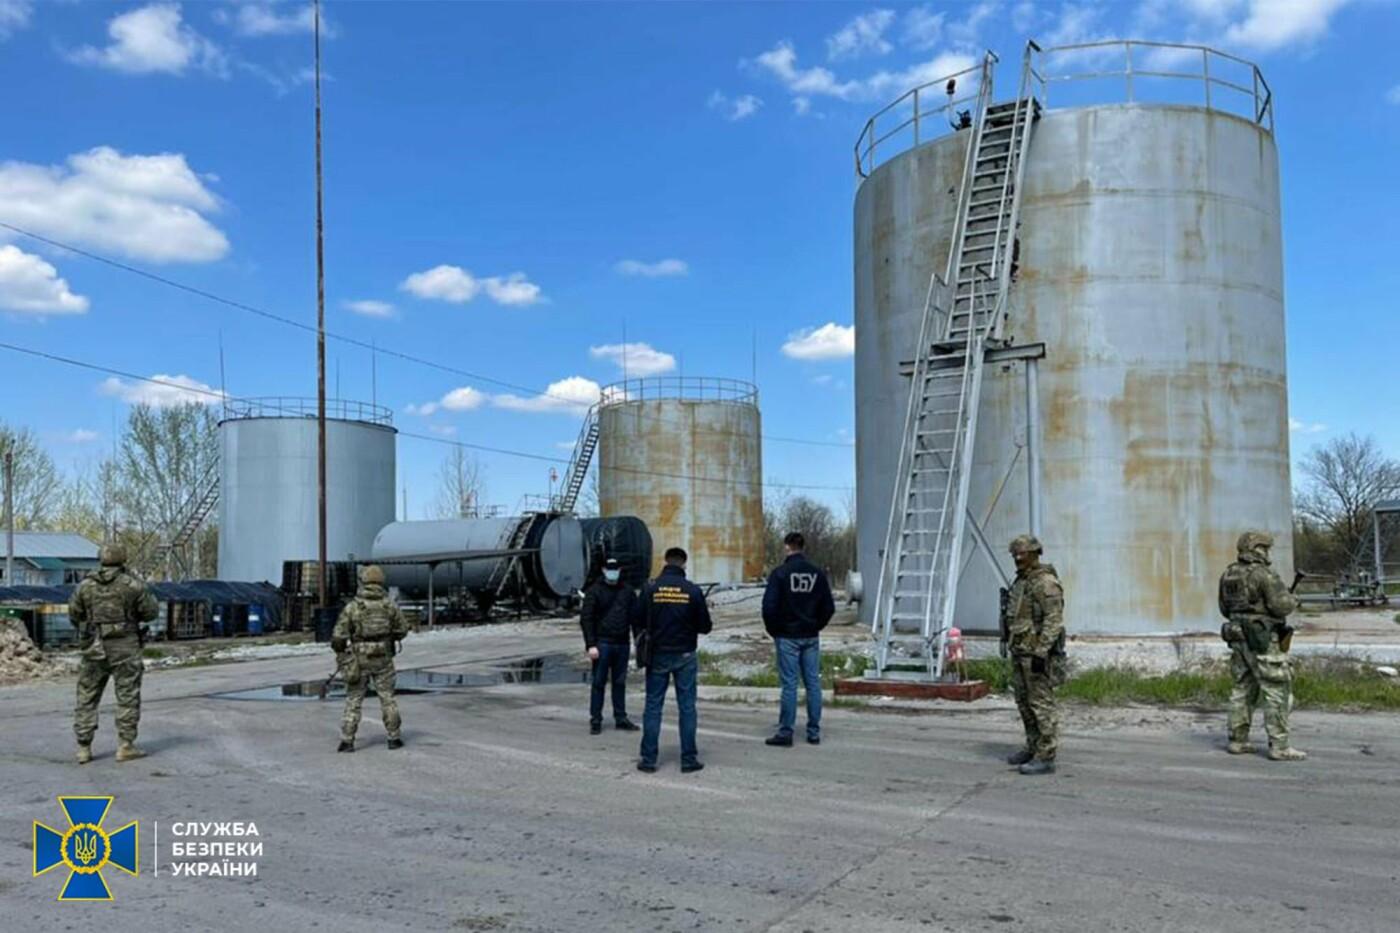 Миллионный оборот: в Днепре прикрыли нелегальный топливный завод, - ФОТО, фото-1